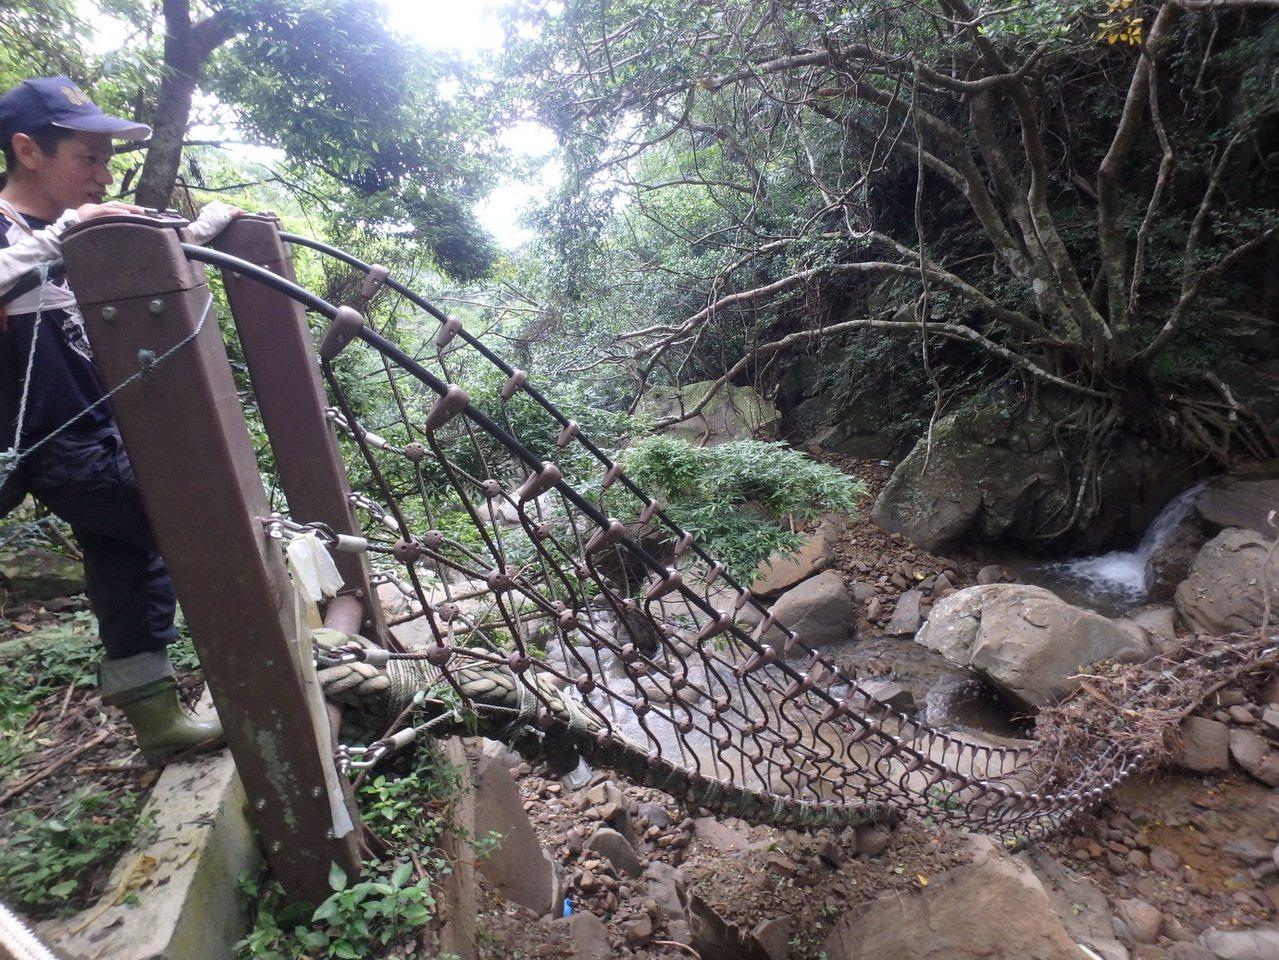 屏東里龍山森林步道的吊橋被沖斷。記者潘欣中/翻攝